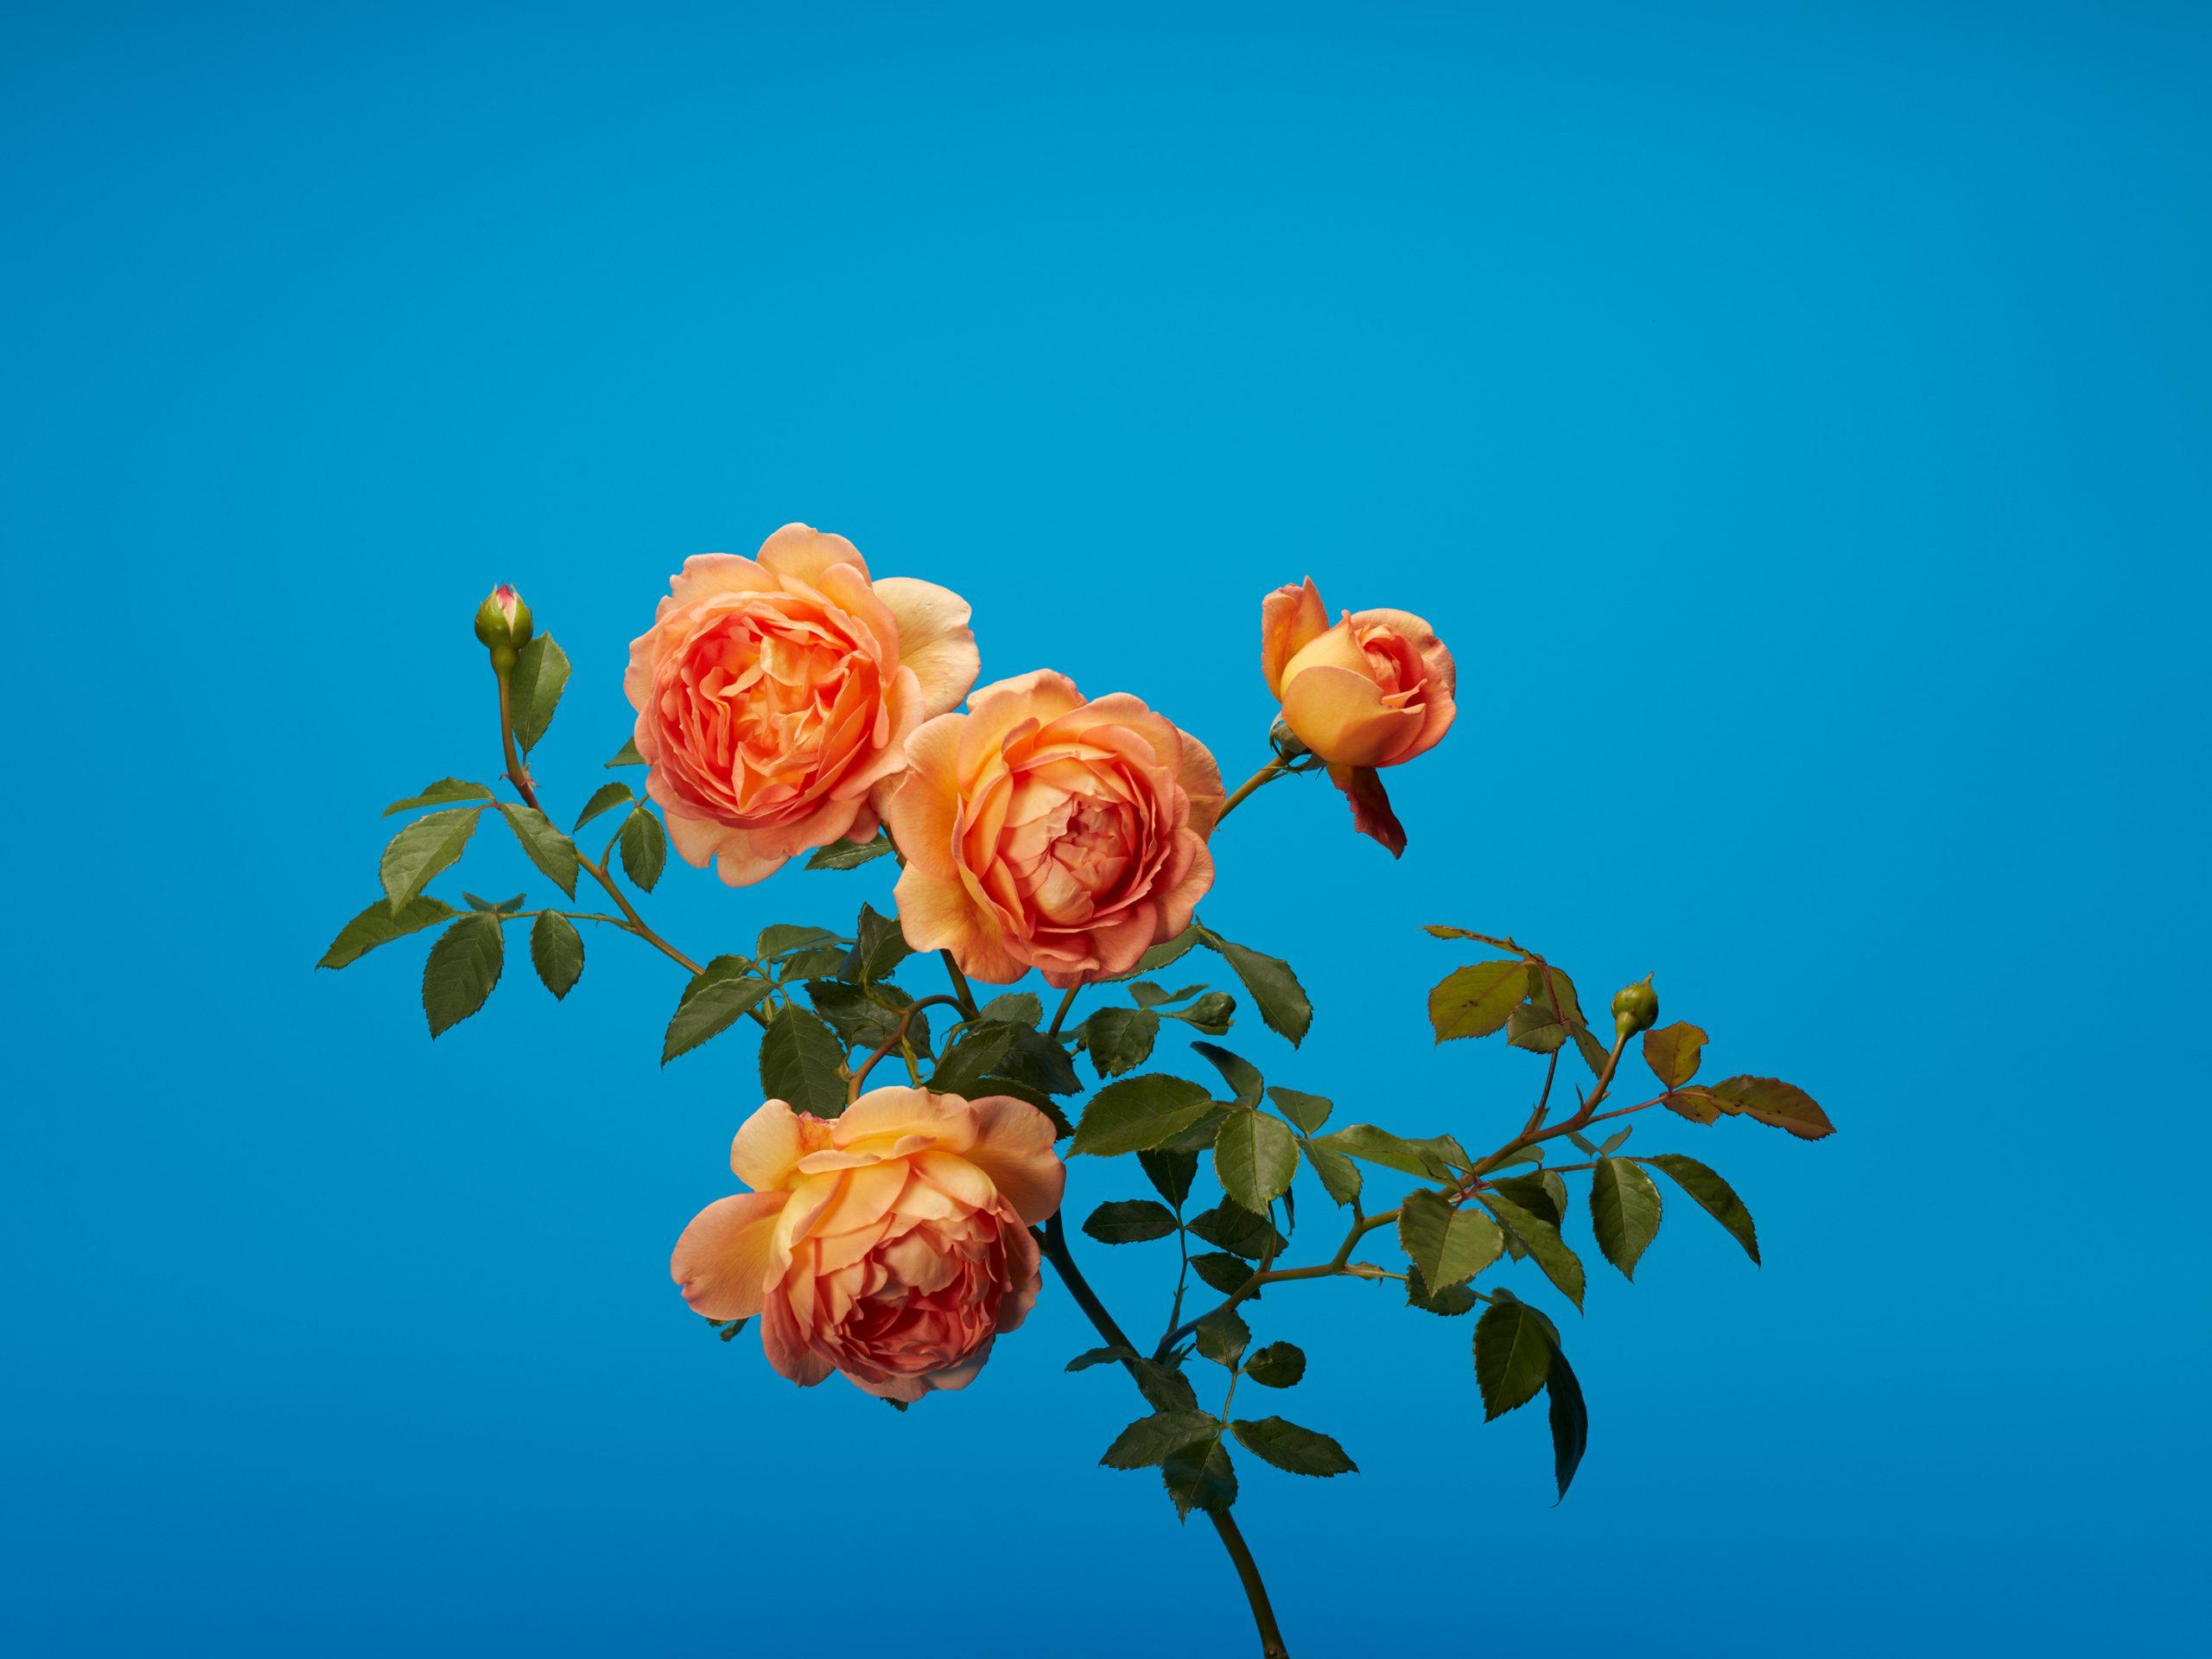 wren_agency_luke_stephenson_roses_12